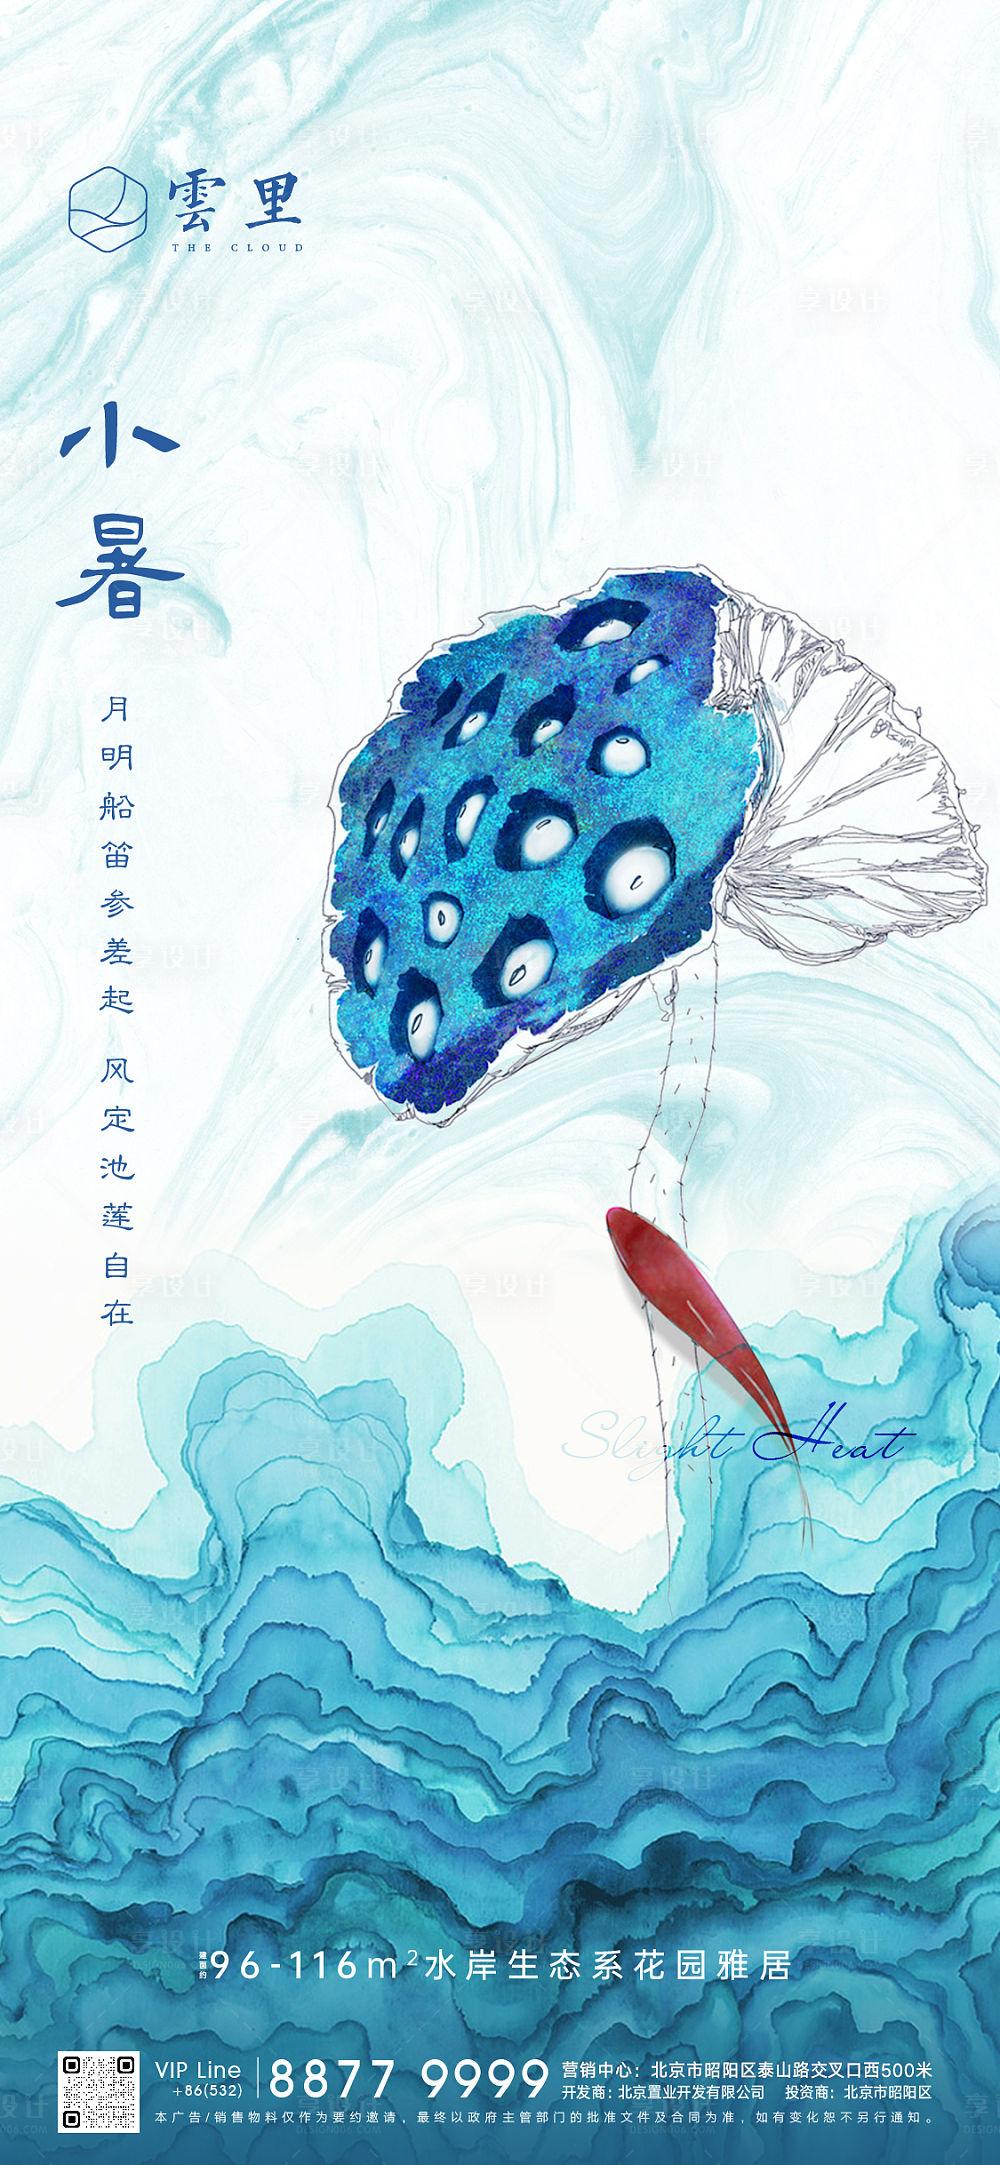 【源文件下载】 海报 房地产 小暑 二十四节气 插画 鱼 莲藕